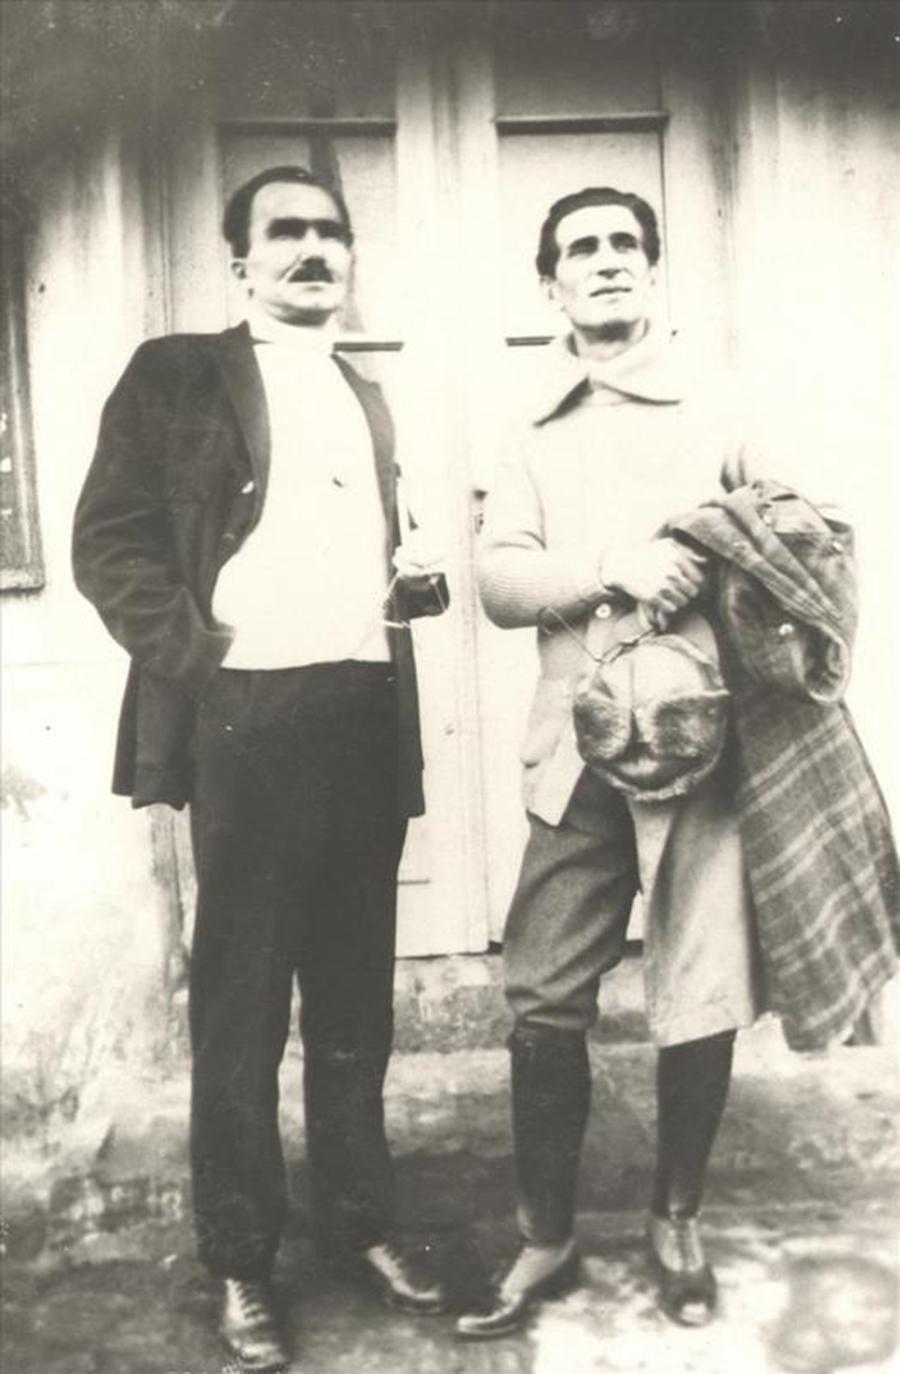 nikos-kazantzakis-kai-panait-istrati-1927